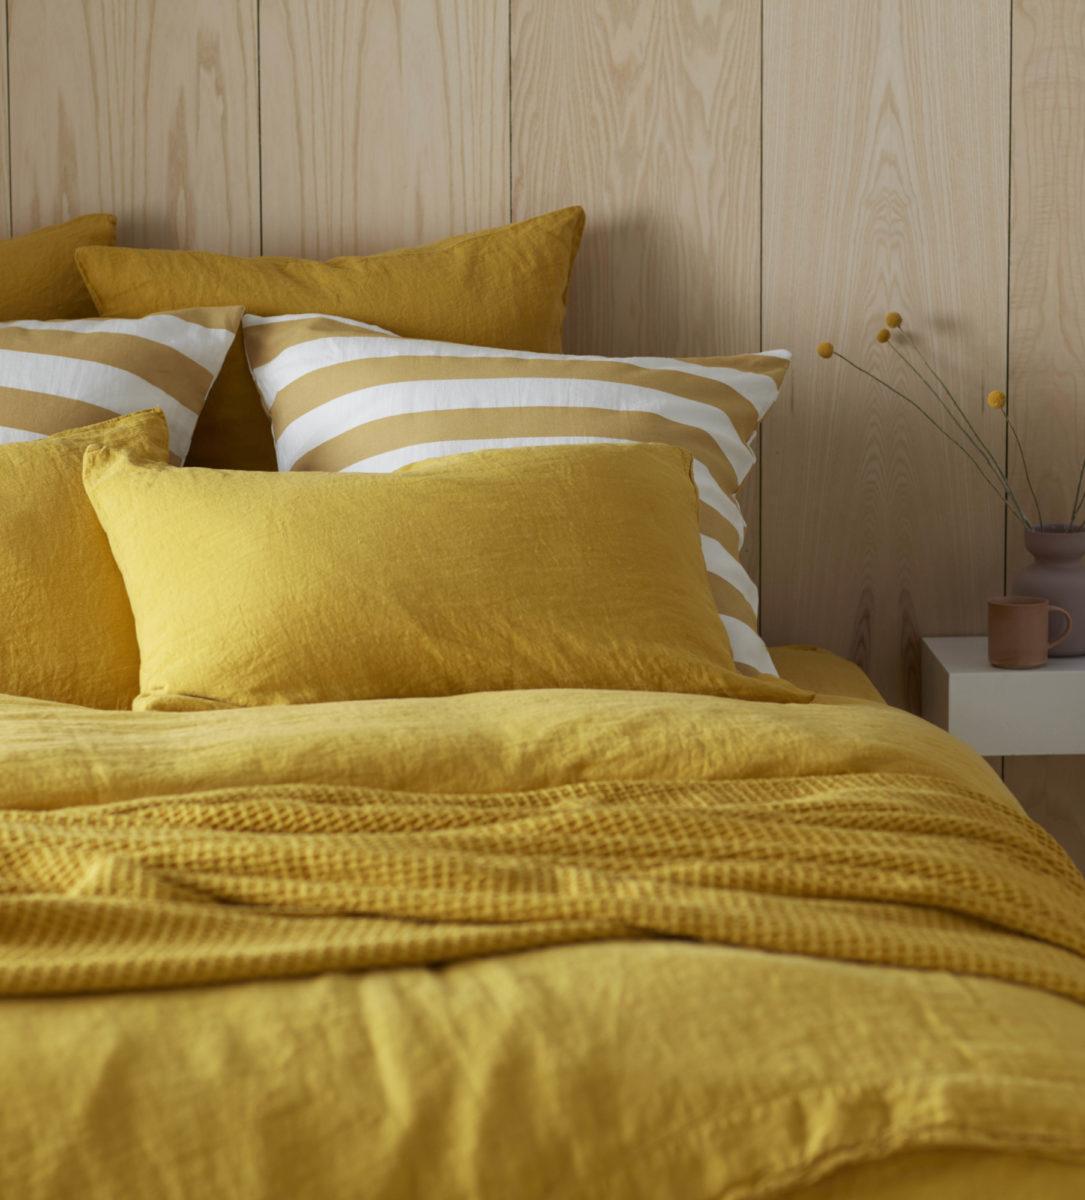 Mustard 100% Linen Pillowcase | Natural